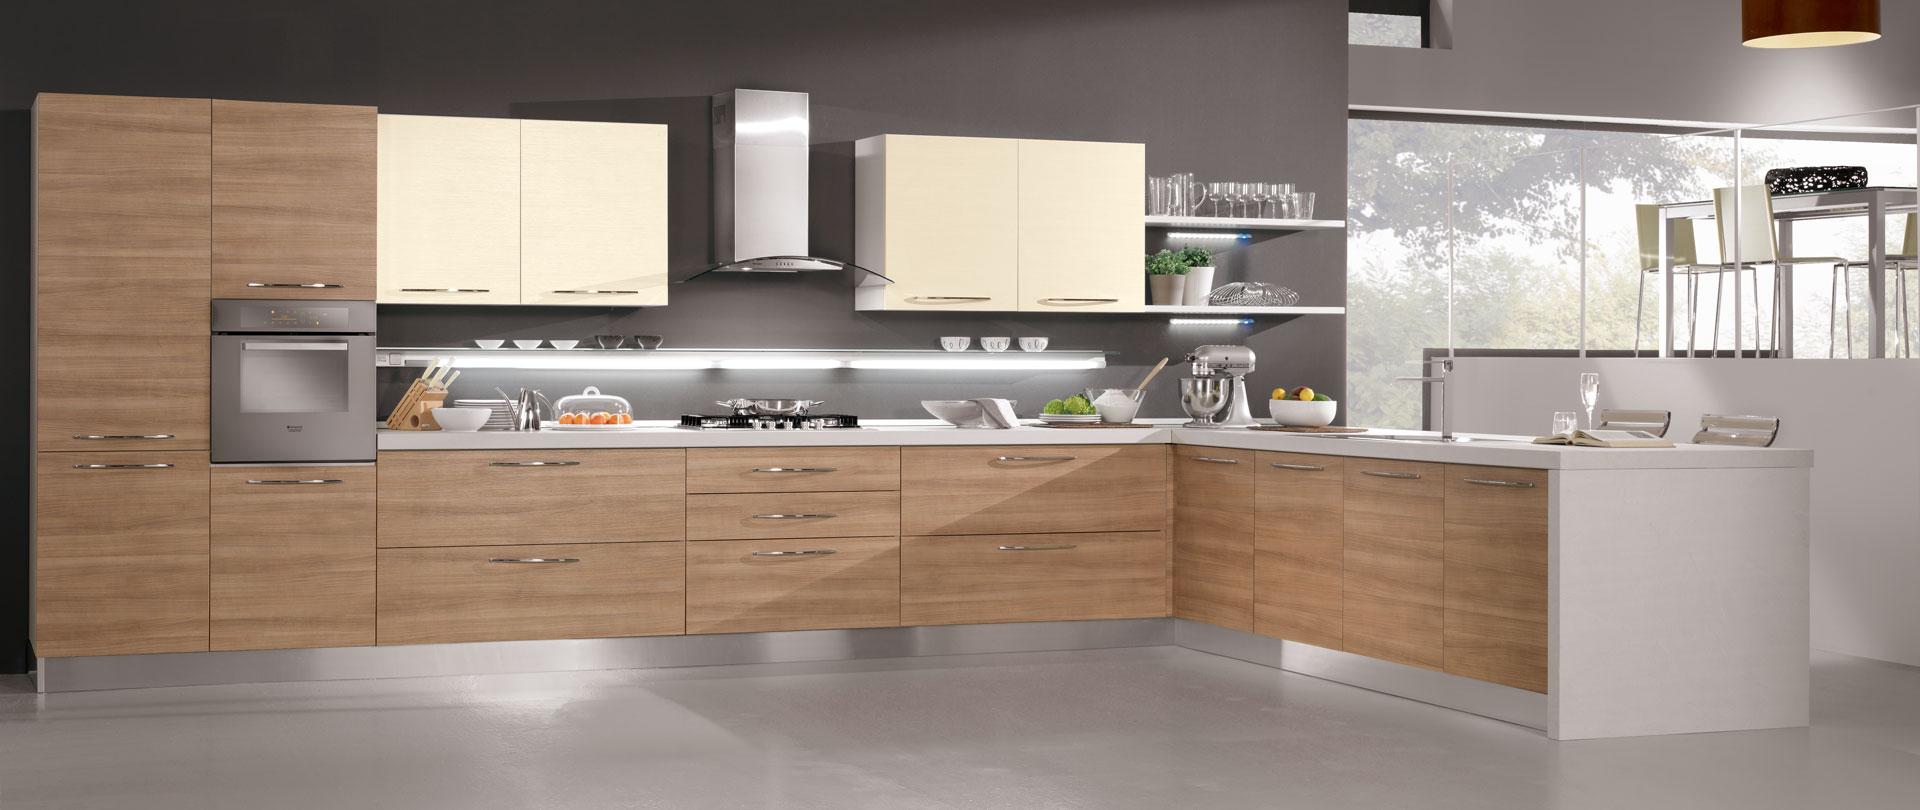 Cucine Moderne In Ciliegio.01 Cucina Moderna Brio Ciliegio Marbella Magnolia 1